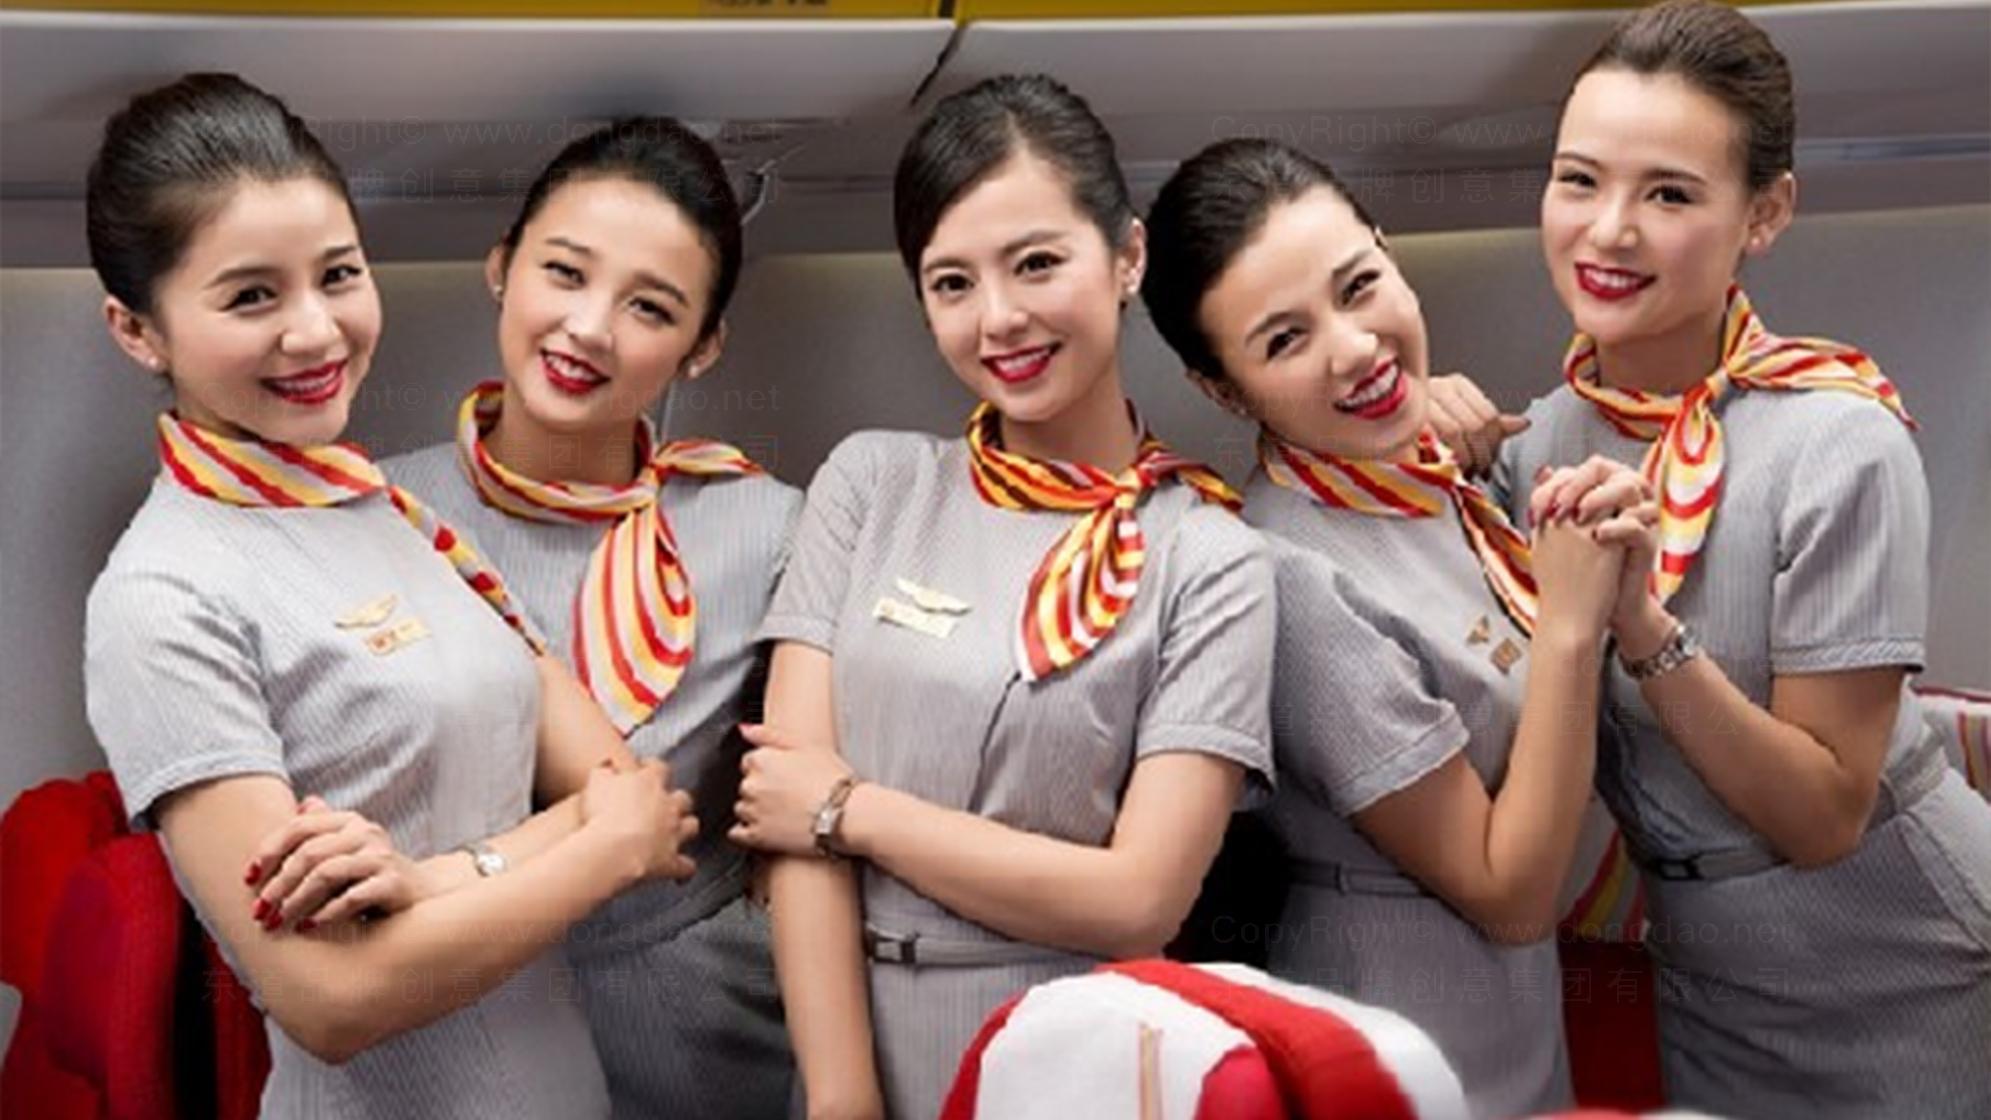 航空公司vi设计应用场景_2